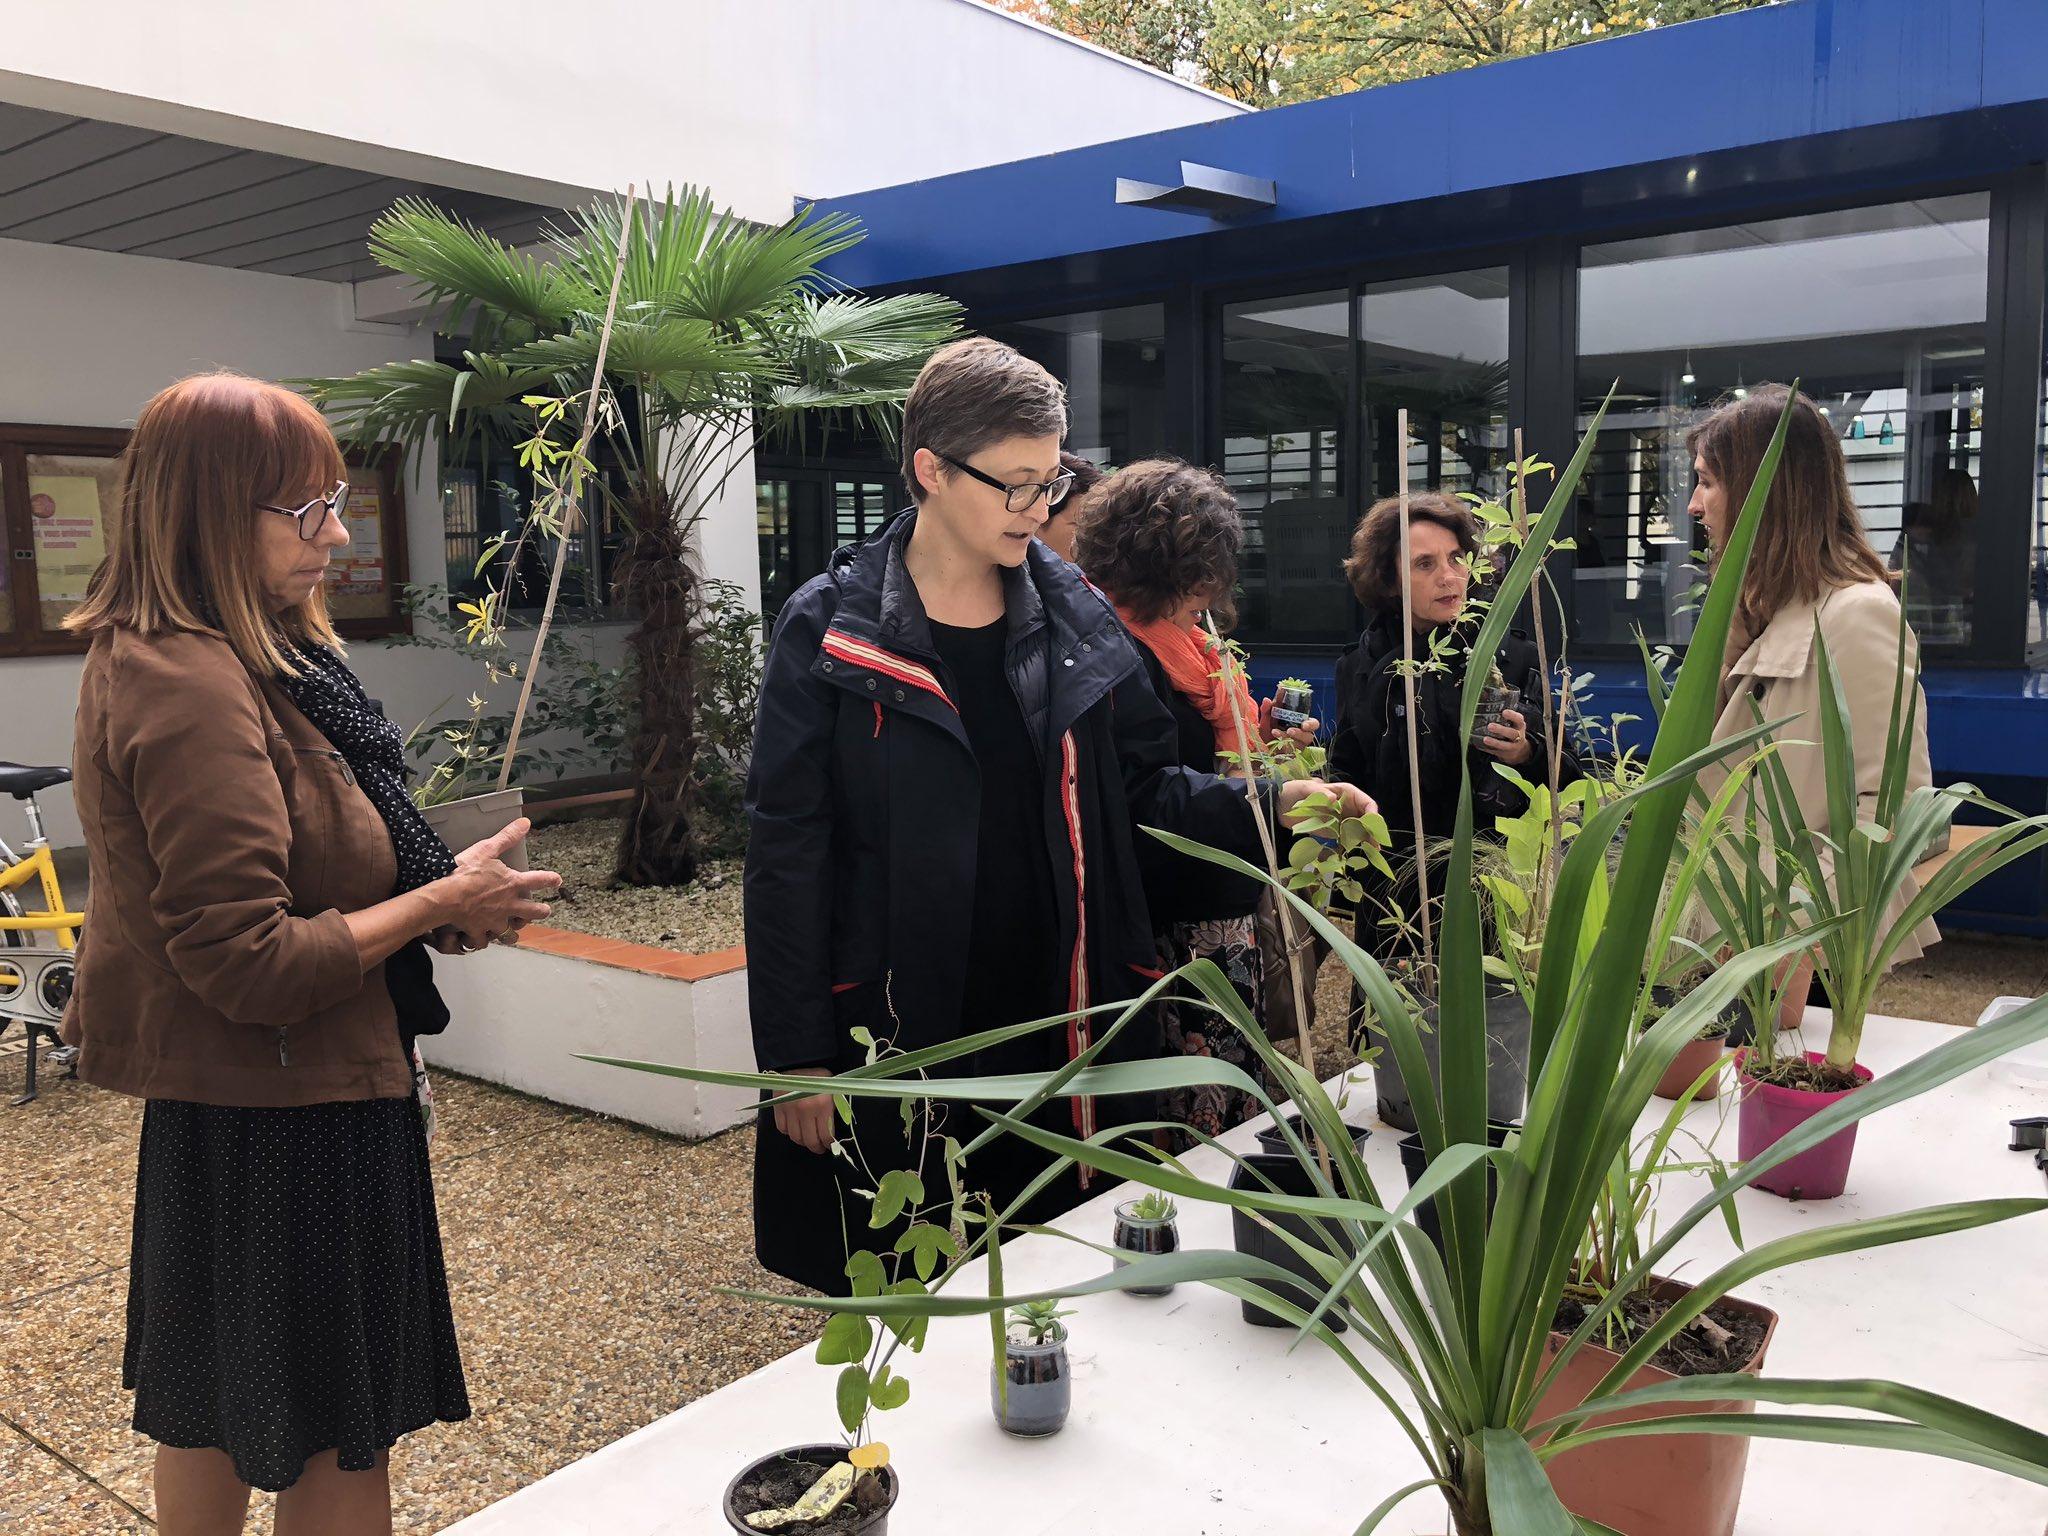 C'est la #SemaineDuClimat et tous les élèves du collège #Montaigne se sont mobilisés autour la question climatique ! Bravo à tous ! #Lormont #climat #ecoresponsabilité #label #engagement #mobilisation twitter.com/ABisagni/statu…